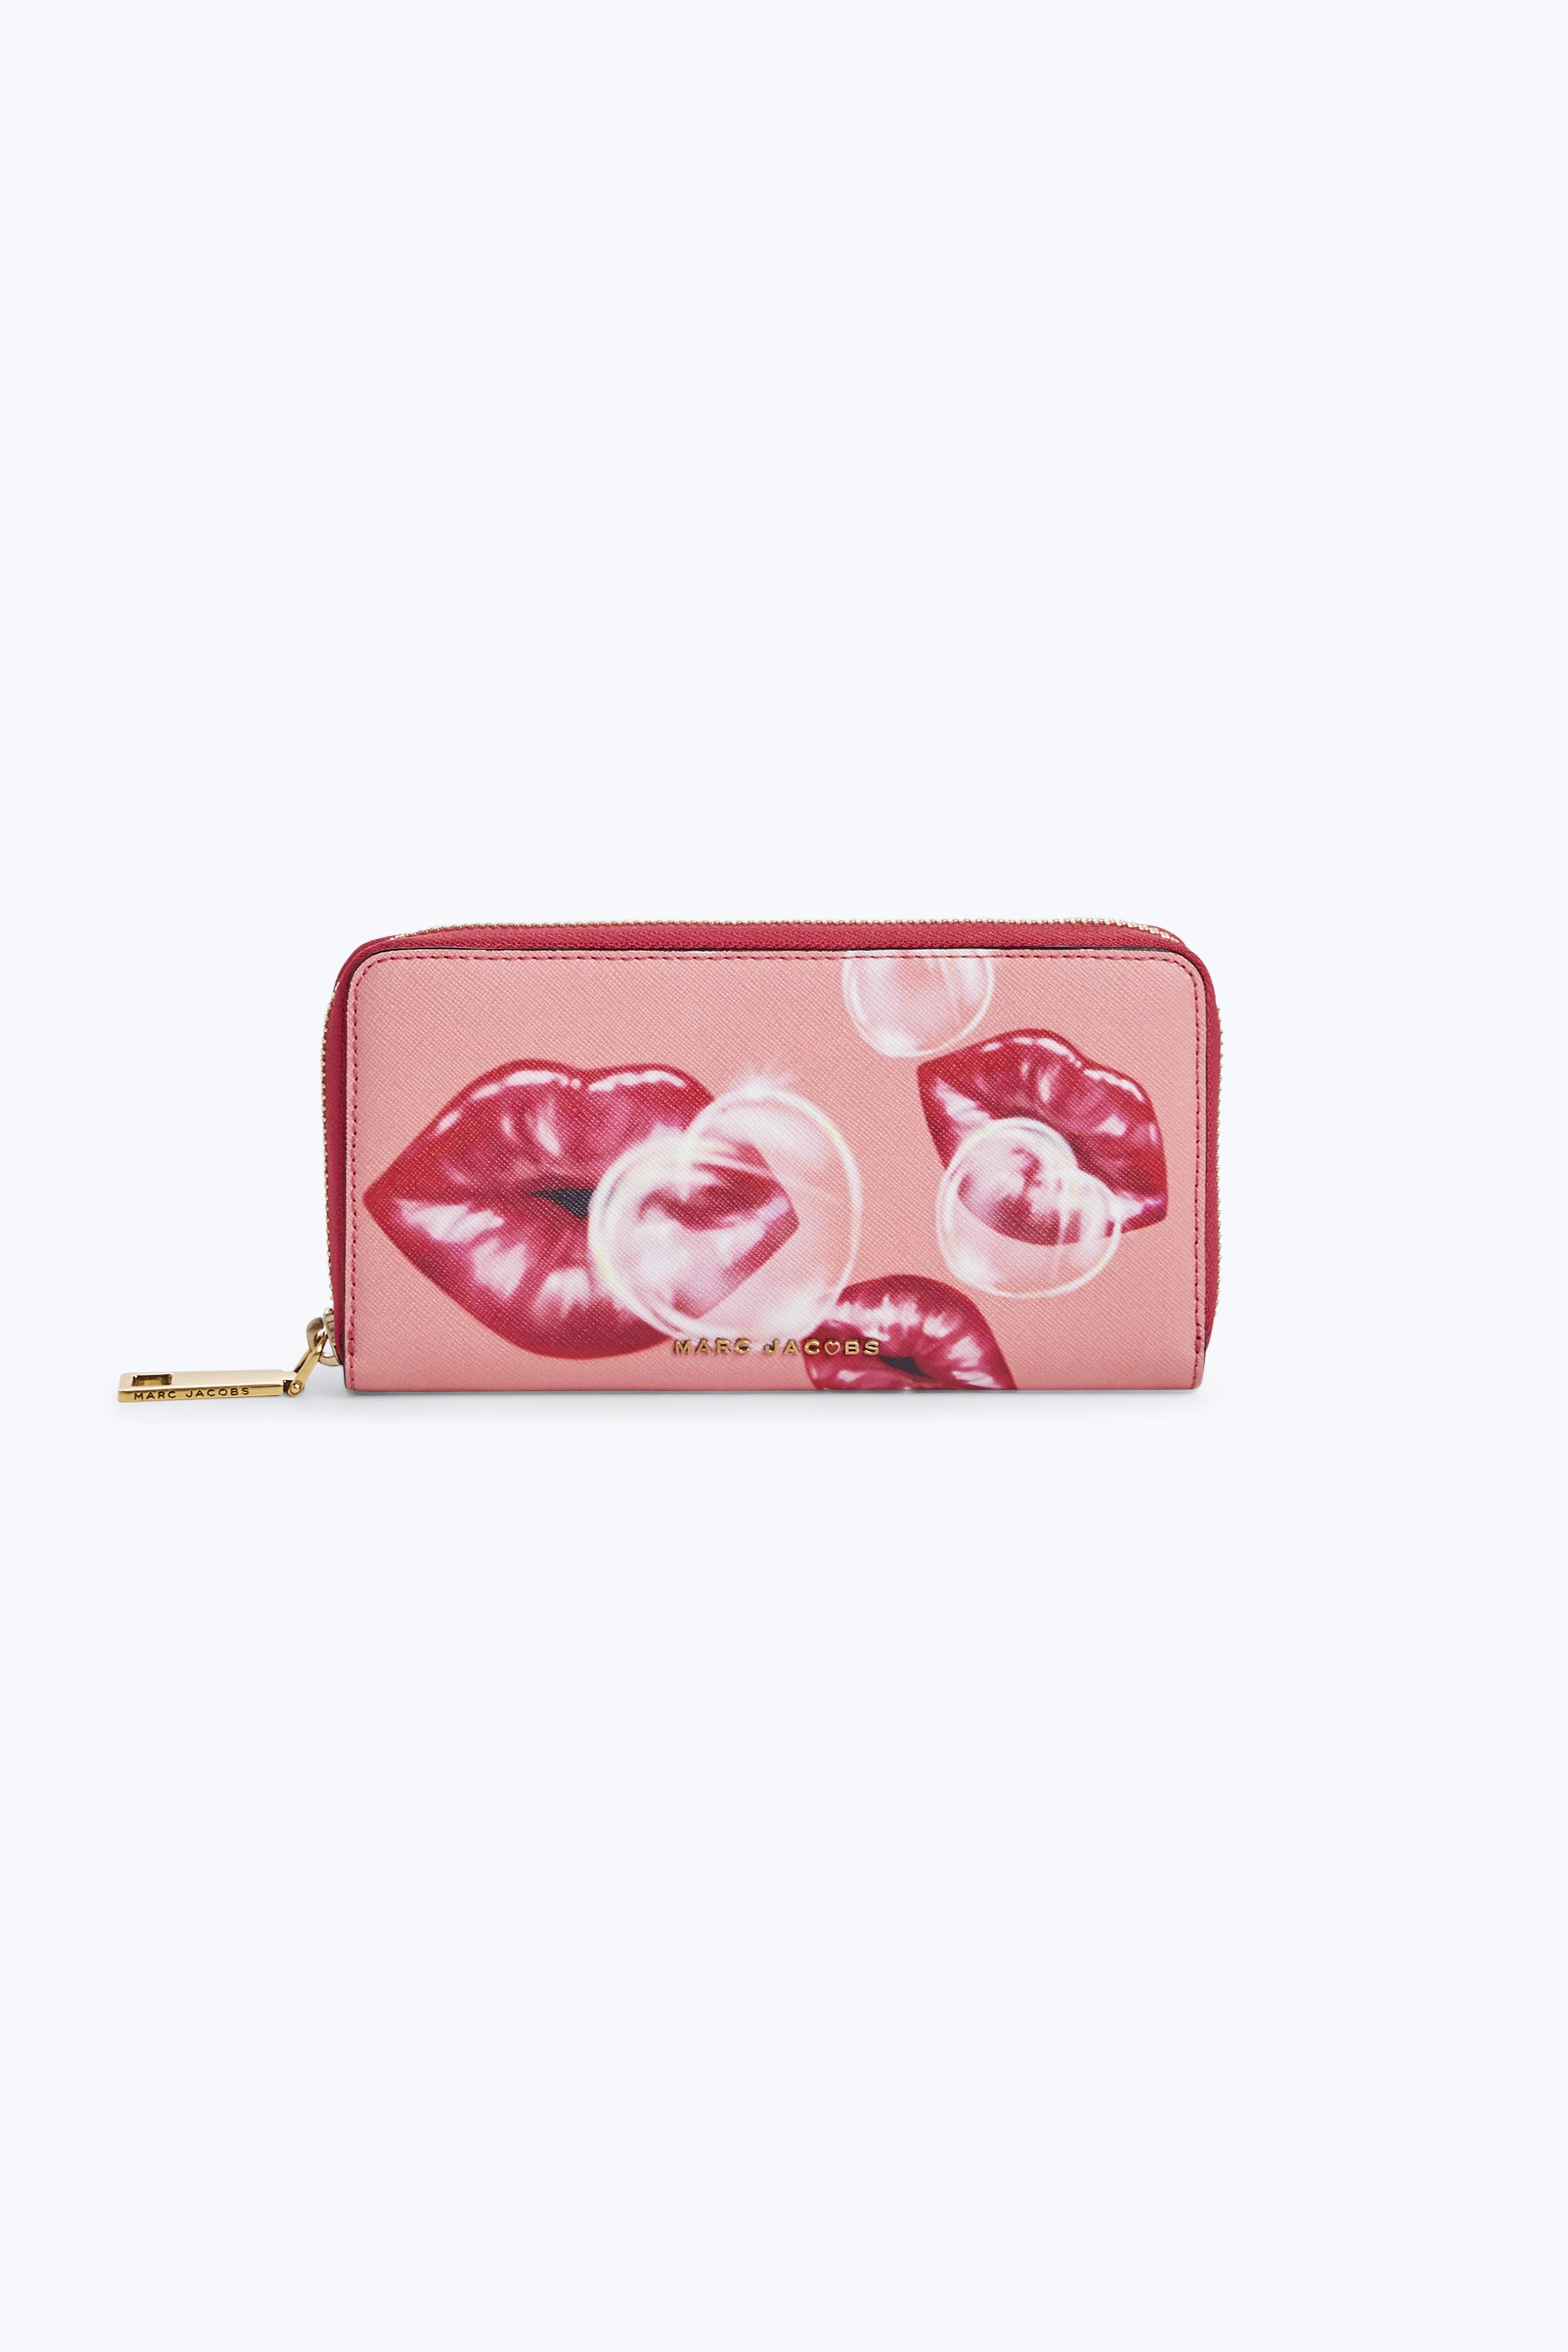 Marc Jacobs Portefeuille Continental Classique Lèvres Rose Thé Cuir Vachette LznqQVBwo